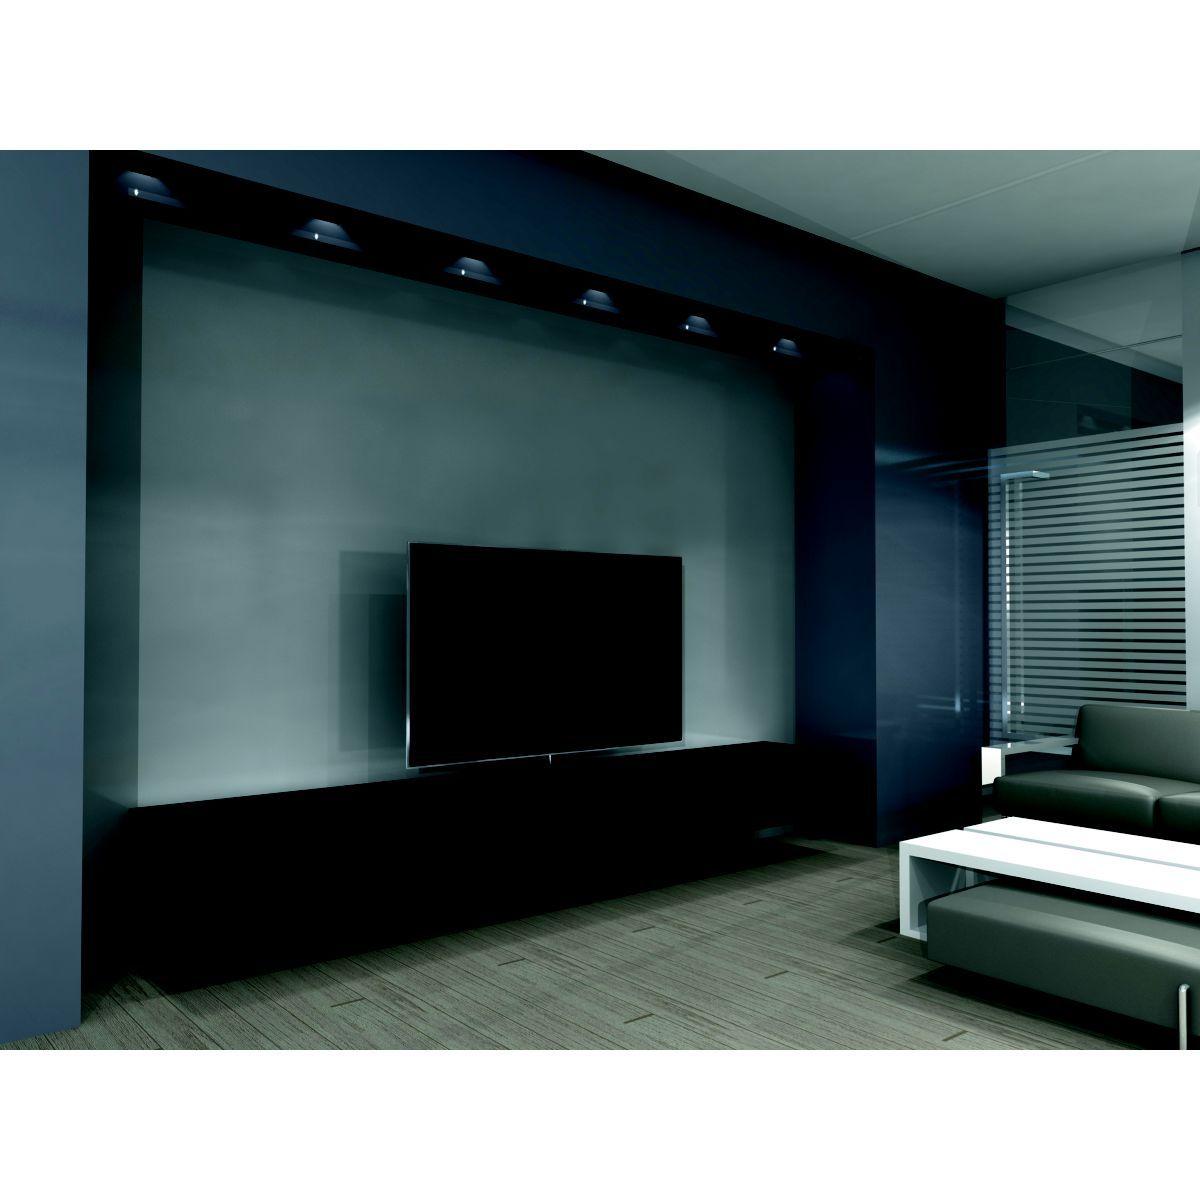 Meuble Tv Khalm Noir 1ml Taille Taille Unique Meuble Tv Et